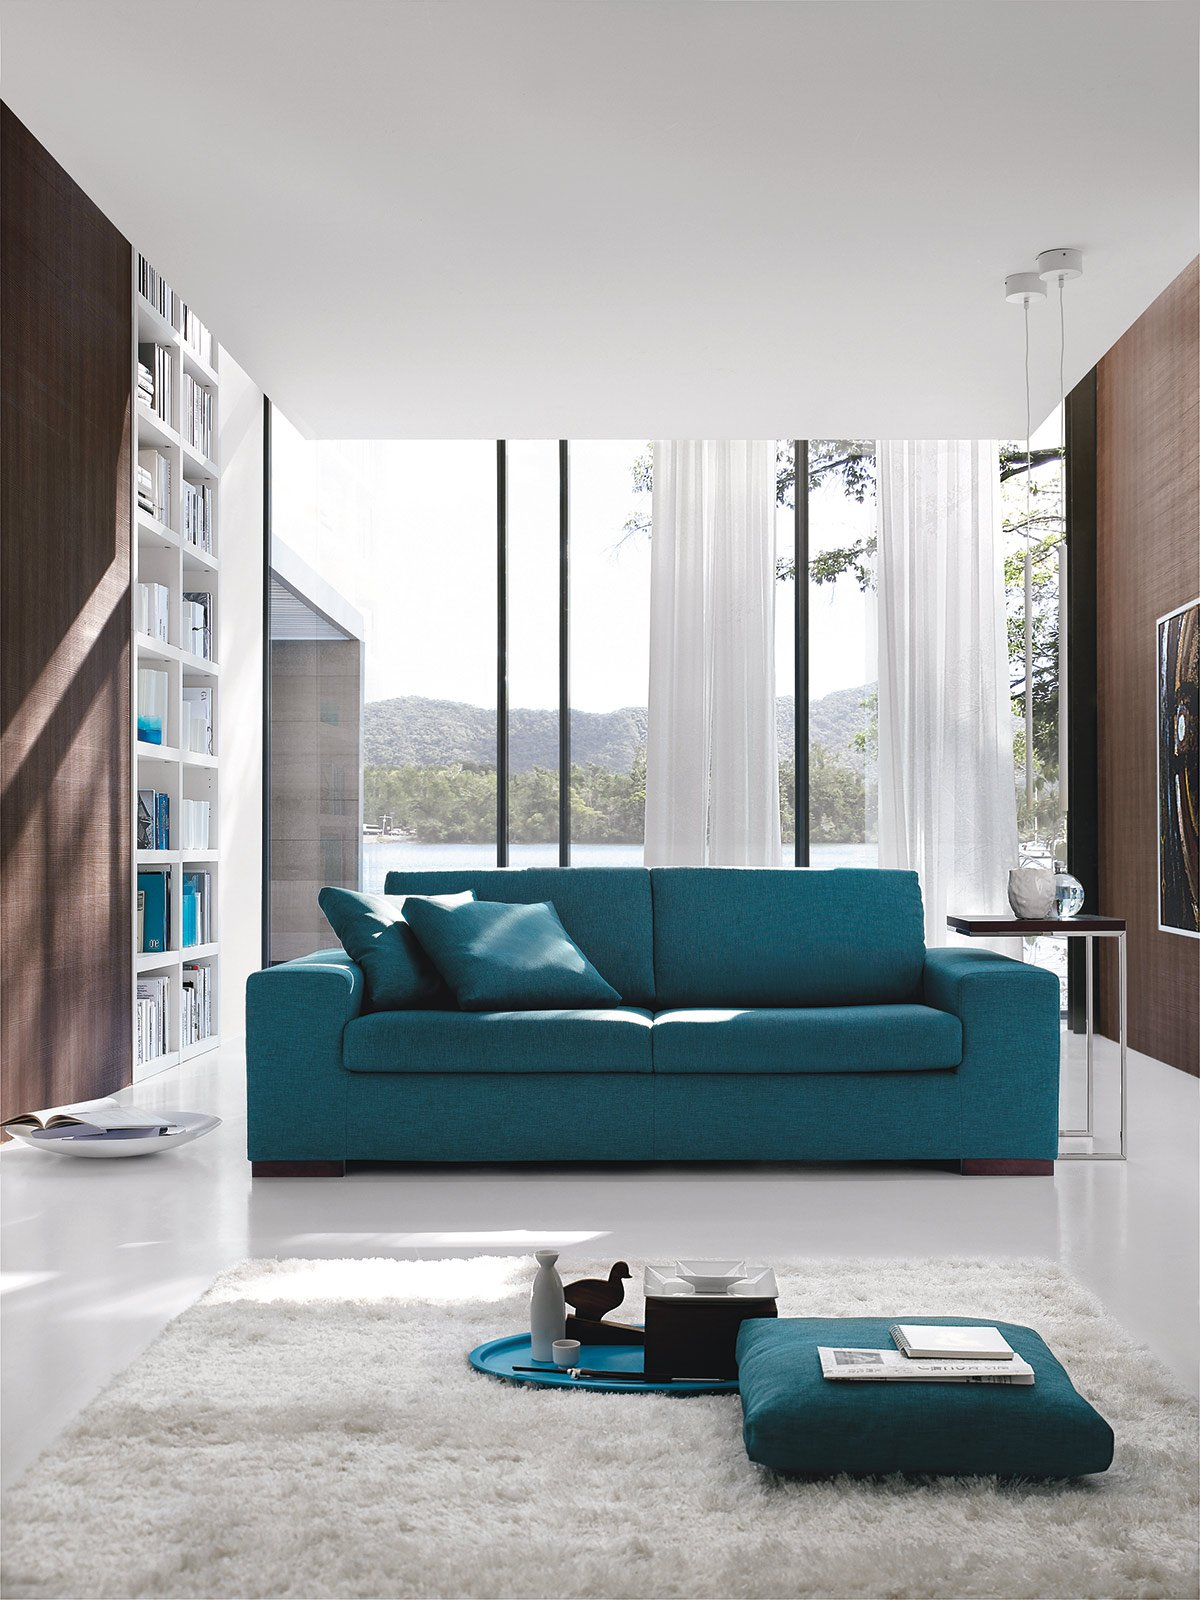 Divani blu cose di casa - Divano letto doimo prezzo ...